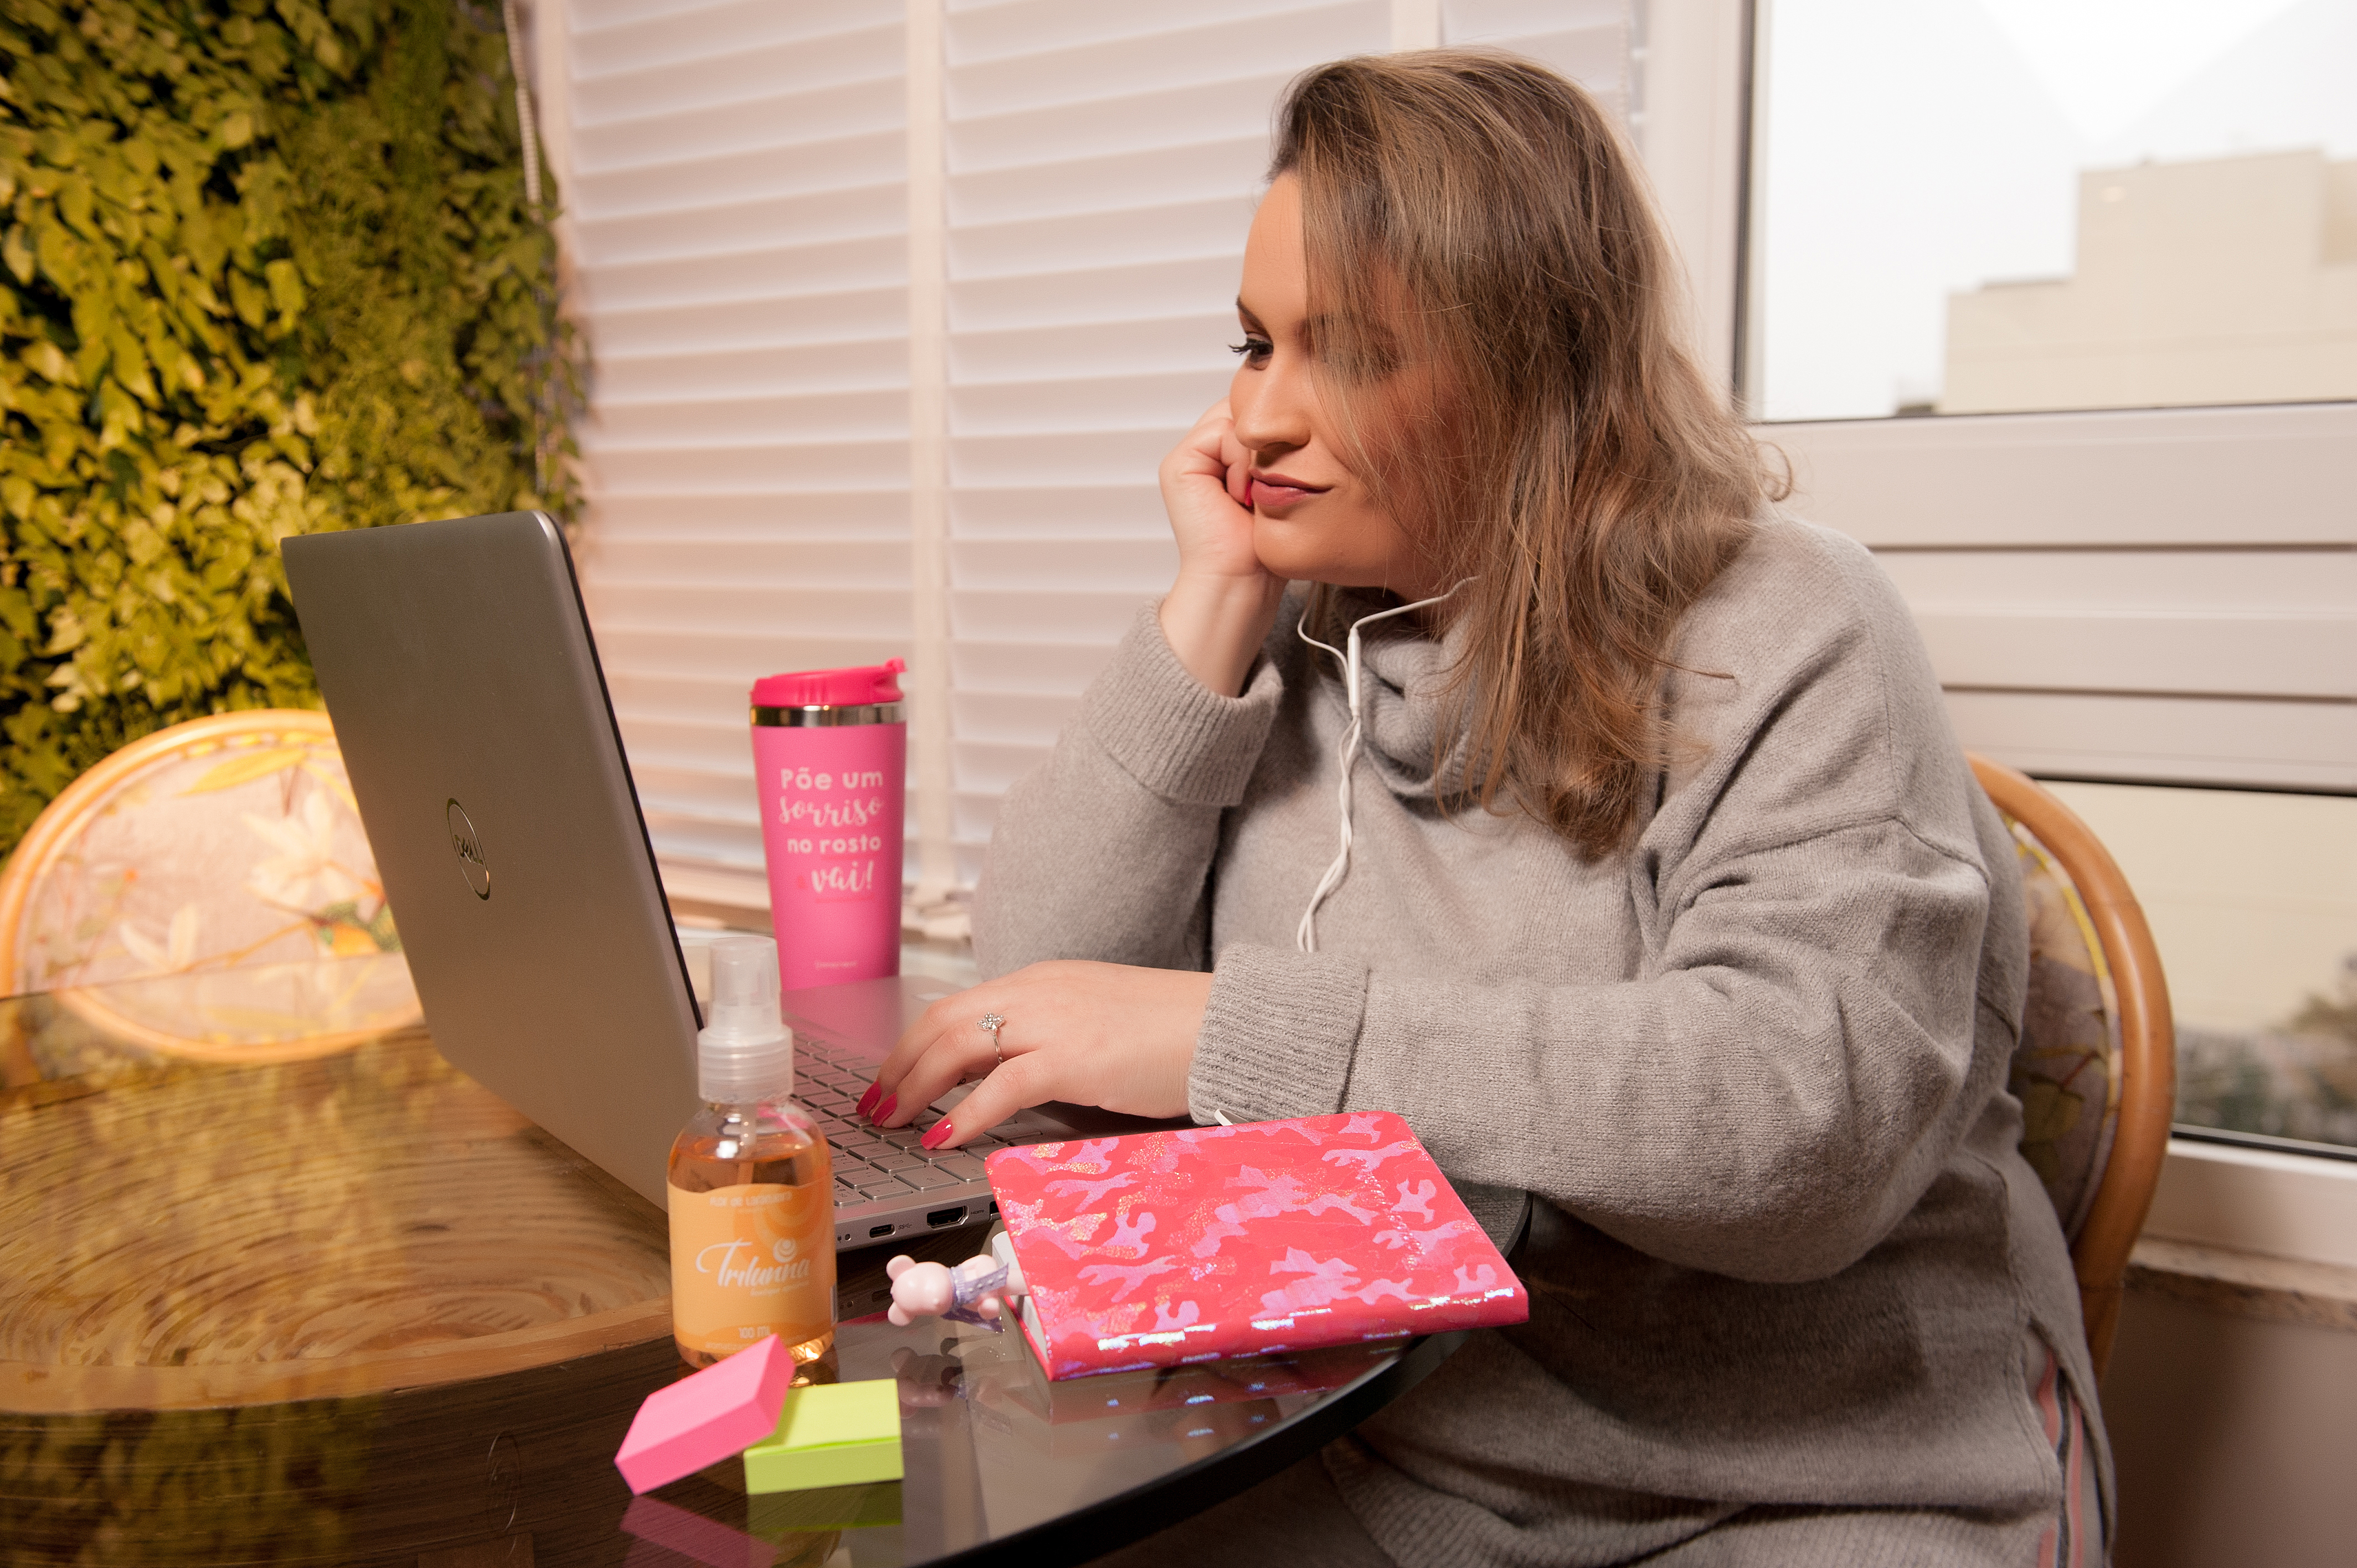 A imagem mostra uma mulher mexendo no computador e usando fones de ouvido